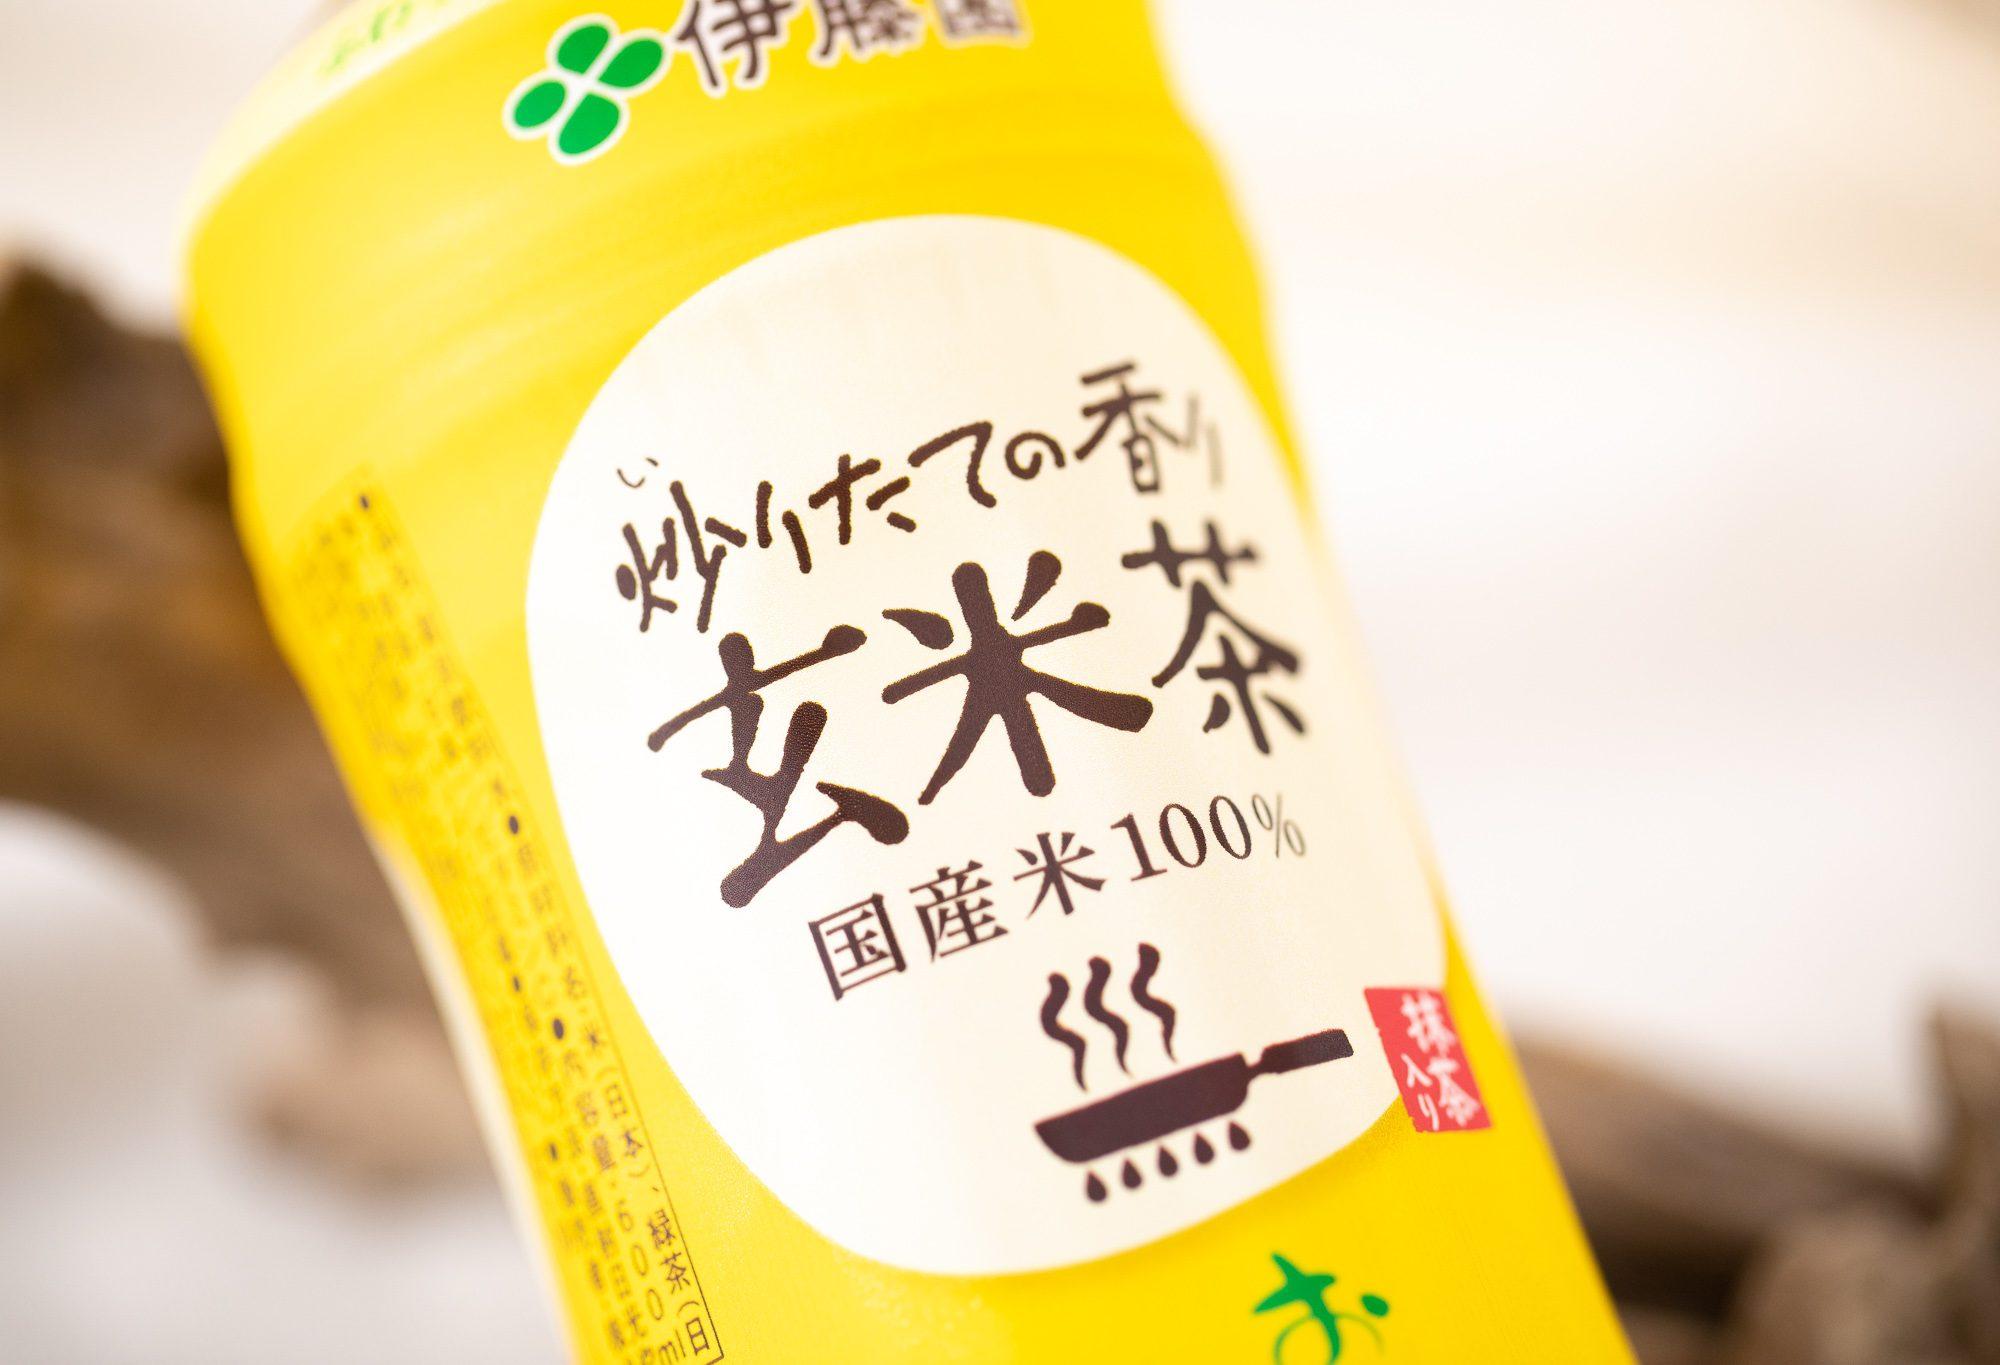 伊藤園『お~いお茶 玄米茶 PET 600ml』は玄米のふくよかな香ばしさと素材の甘み・旨味を感じるスッキリ玄米茶!